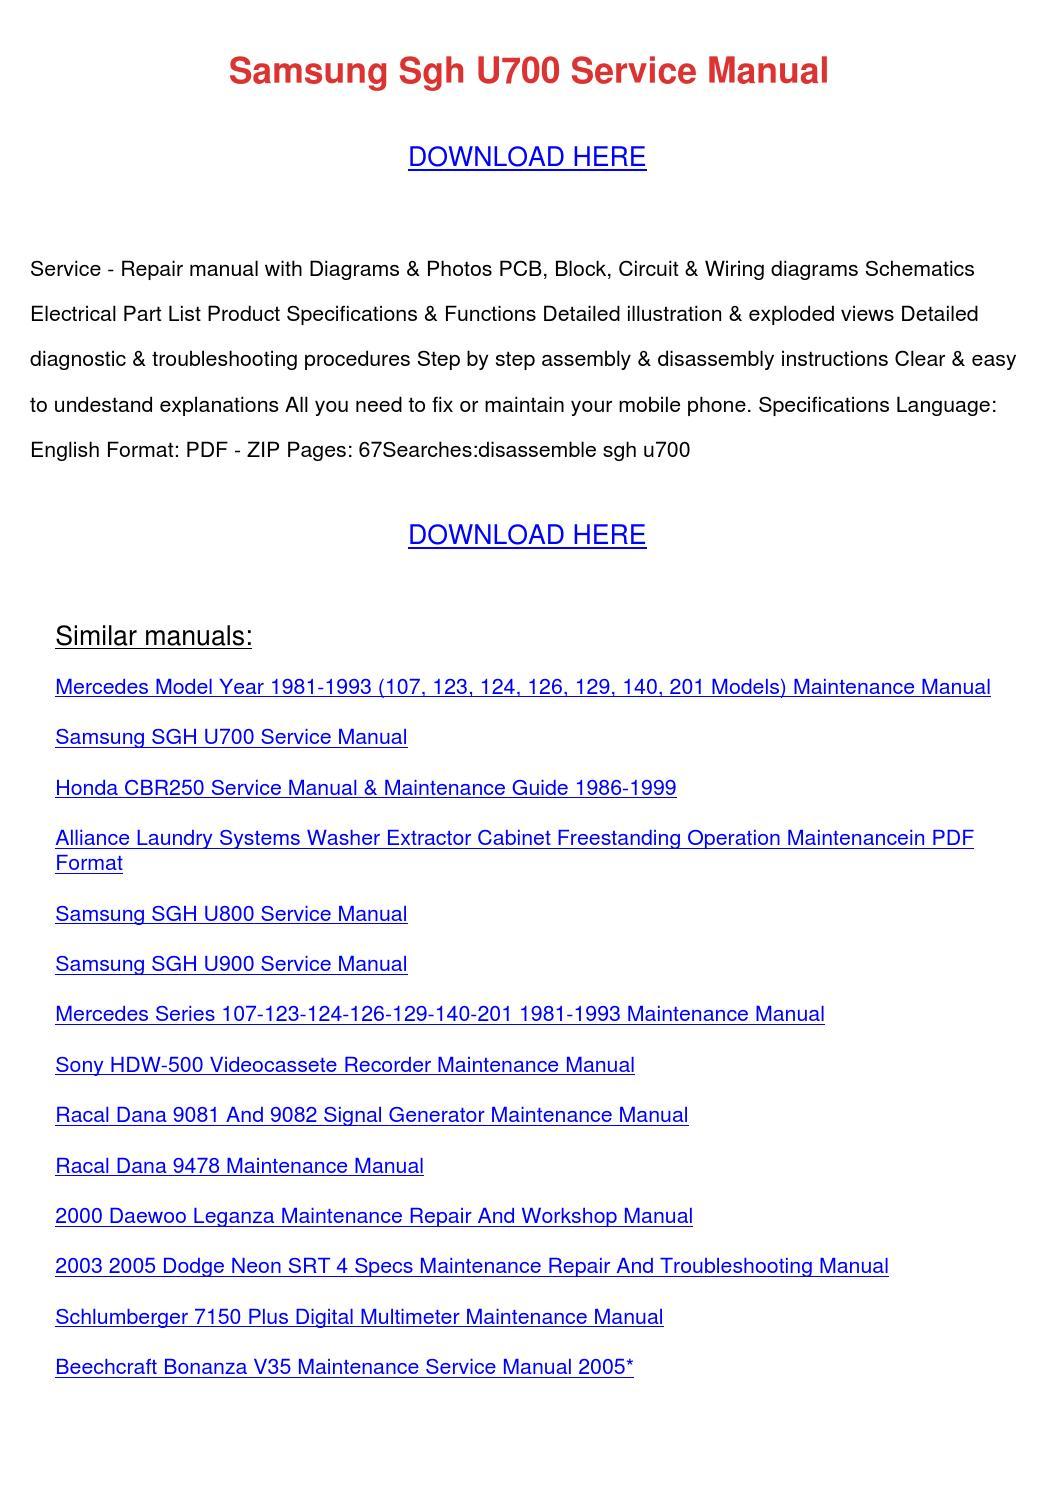 Samsung u700 service manual.